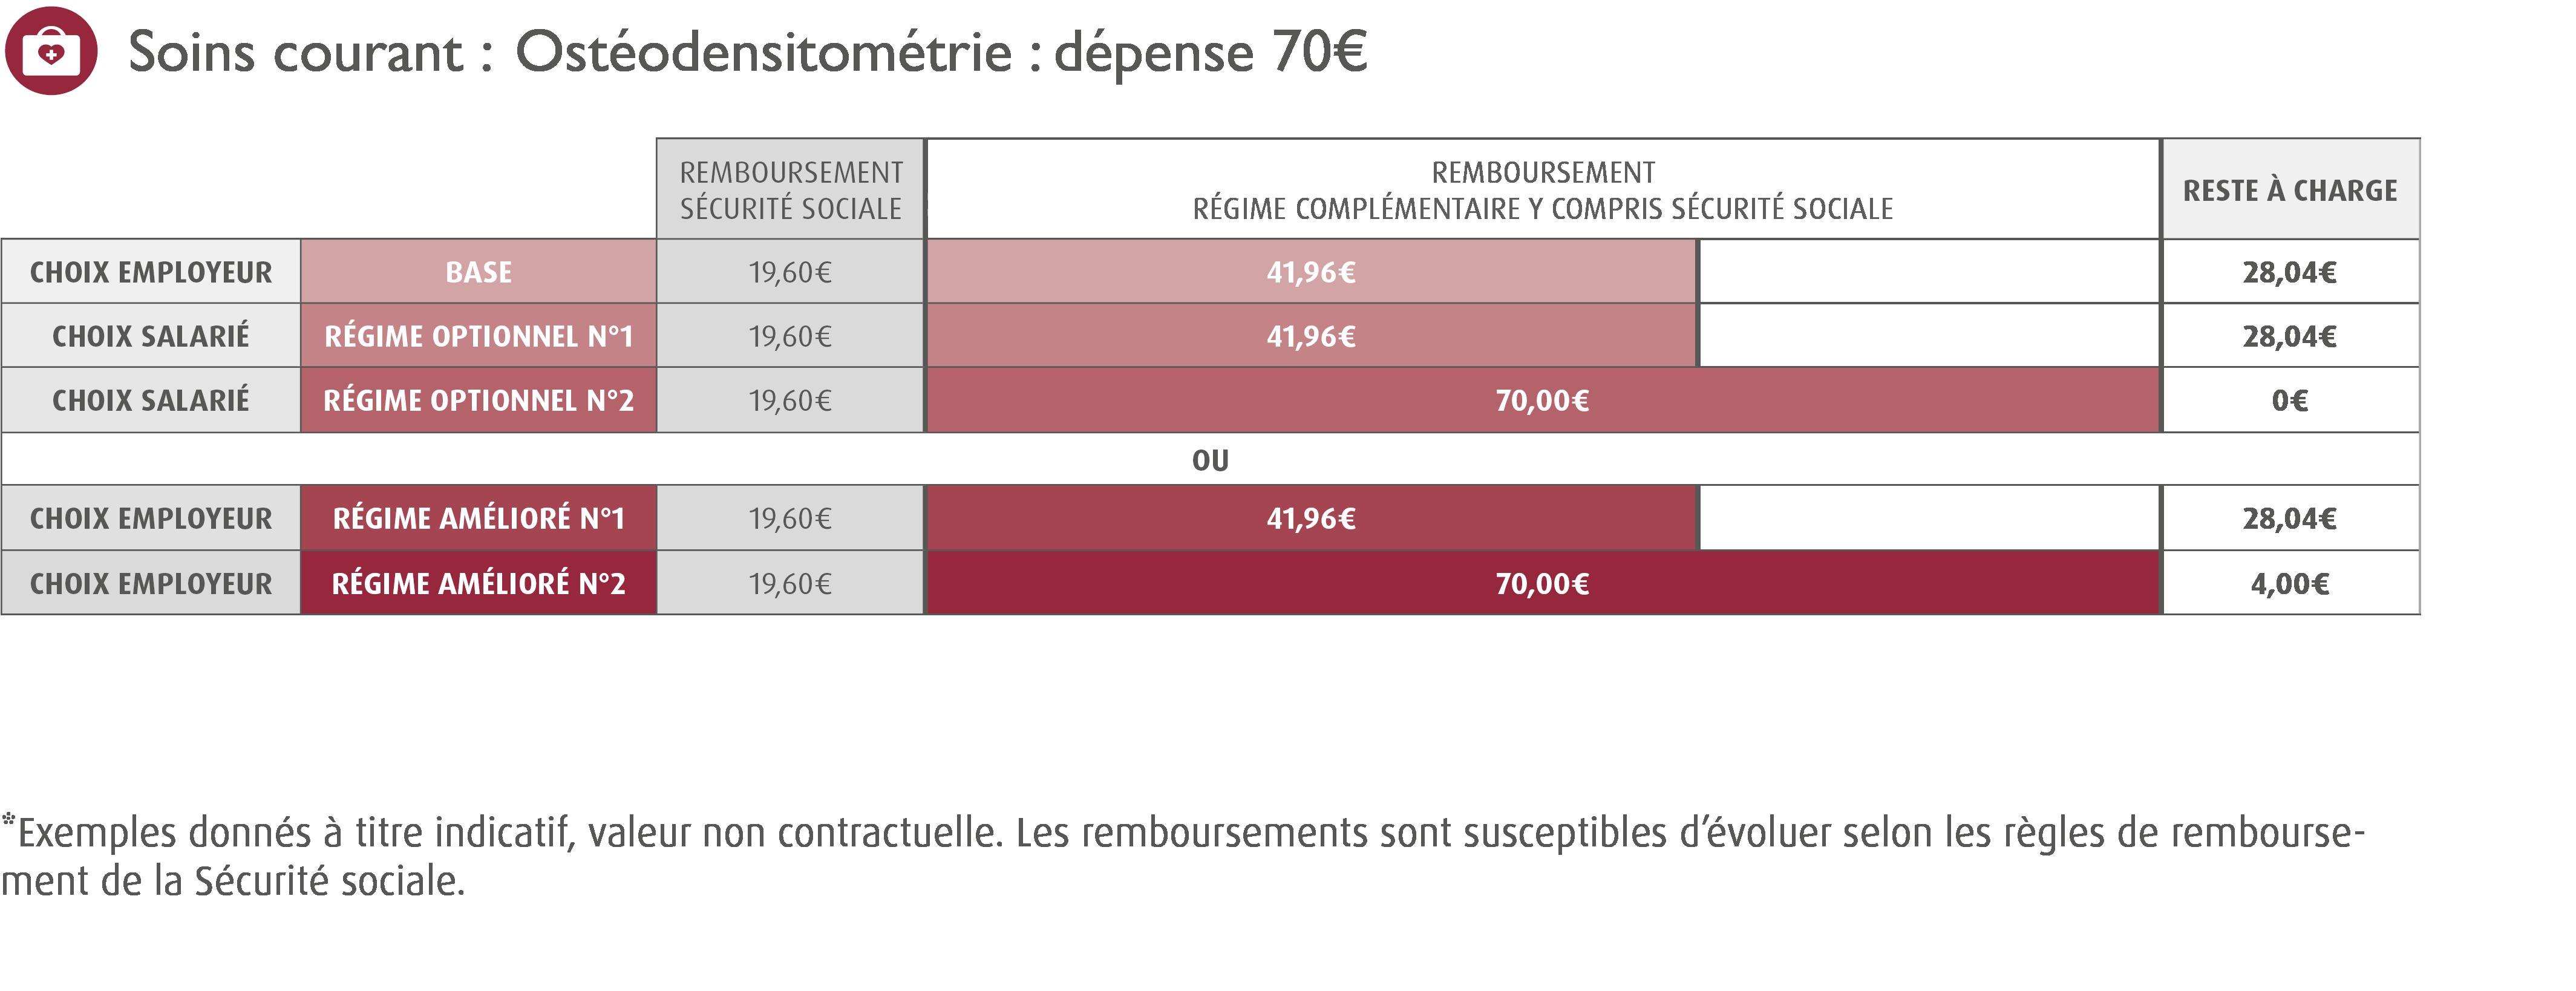 Ccn Des Transports Routiers De Marchandises Mutuelle Obligatoire